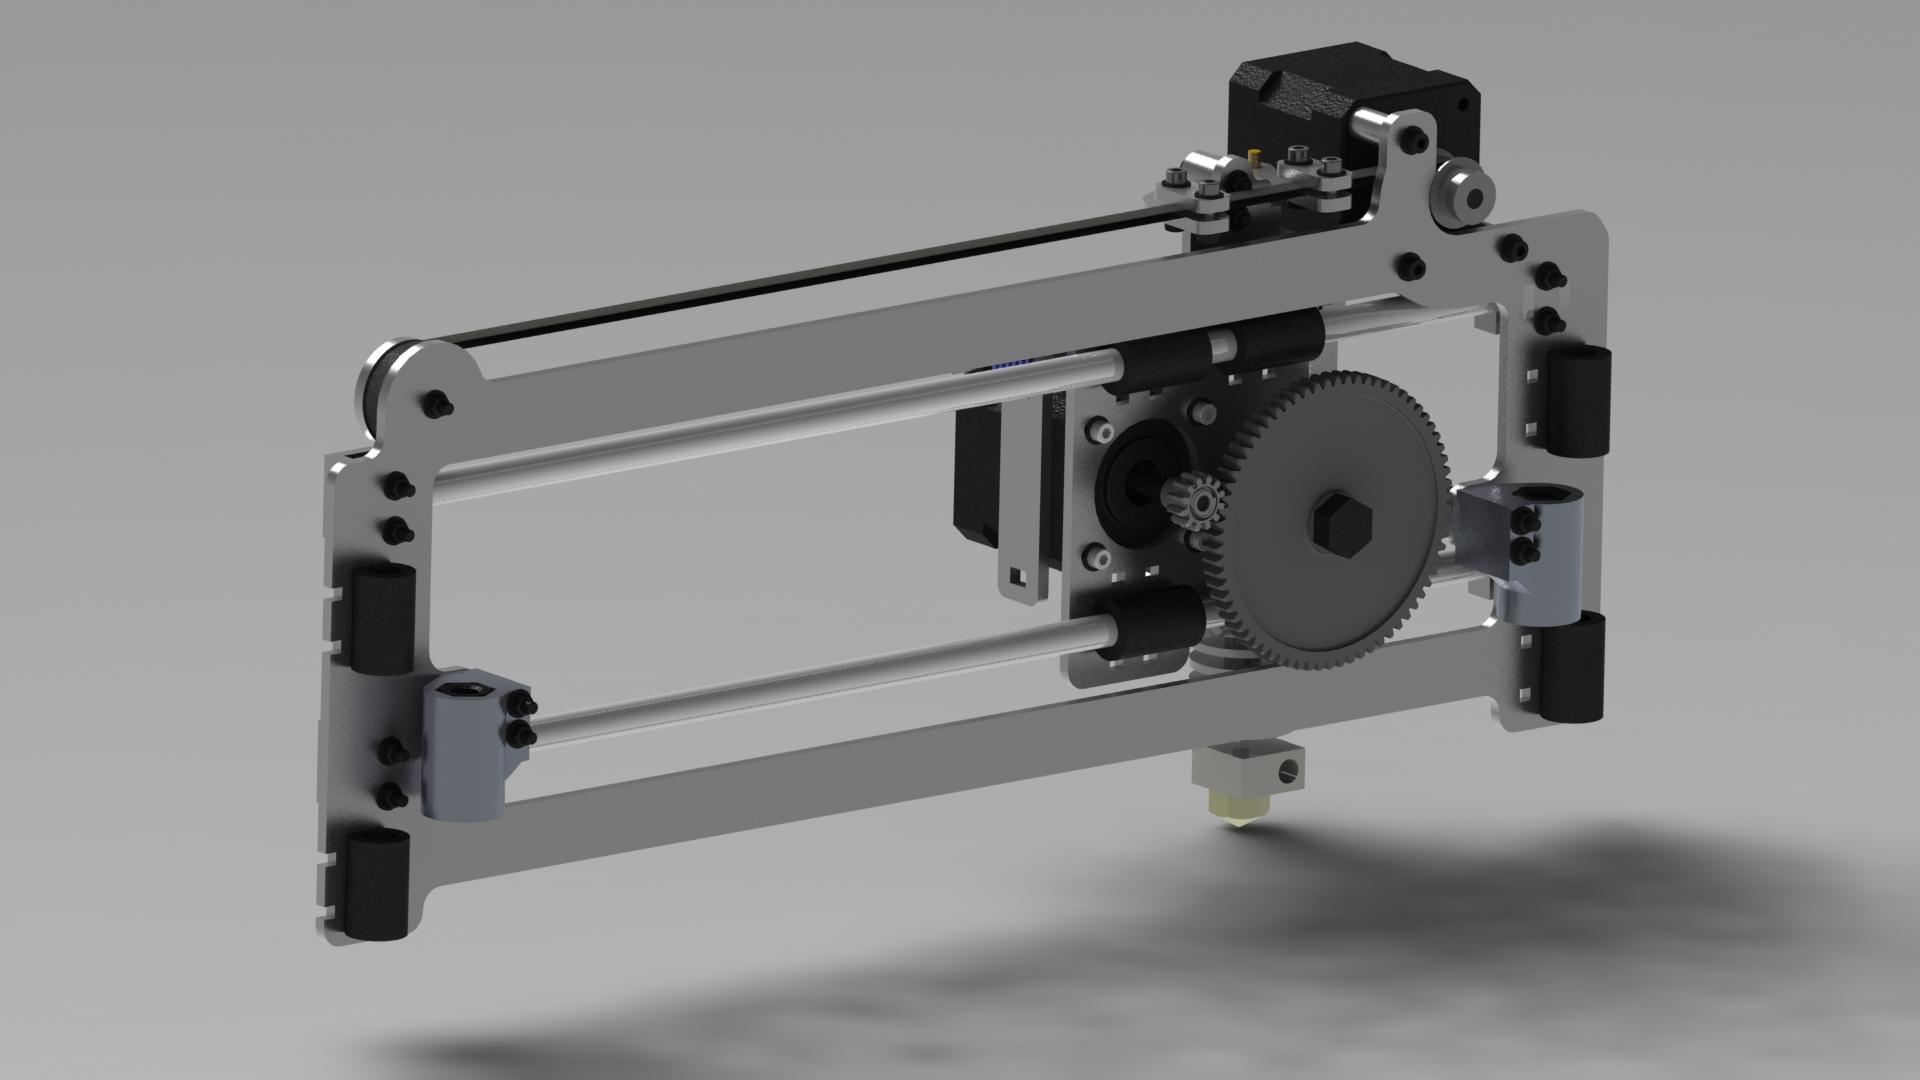 Modeling 3 D Printer Solidworks Drawings Rendering